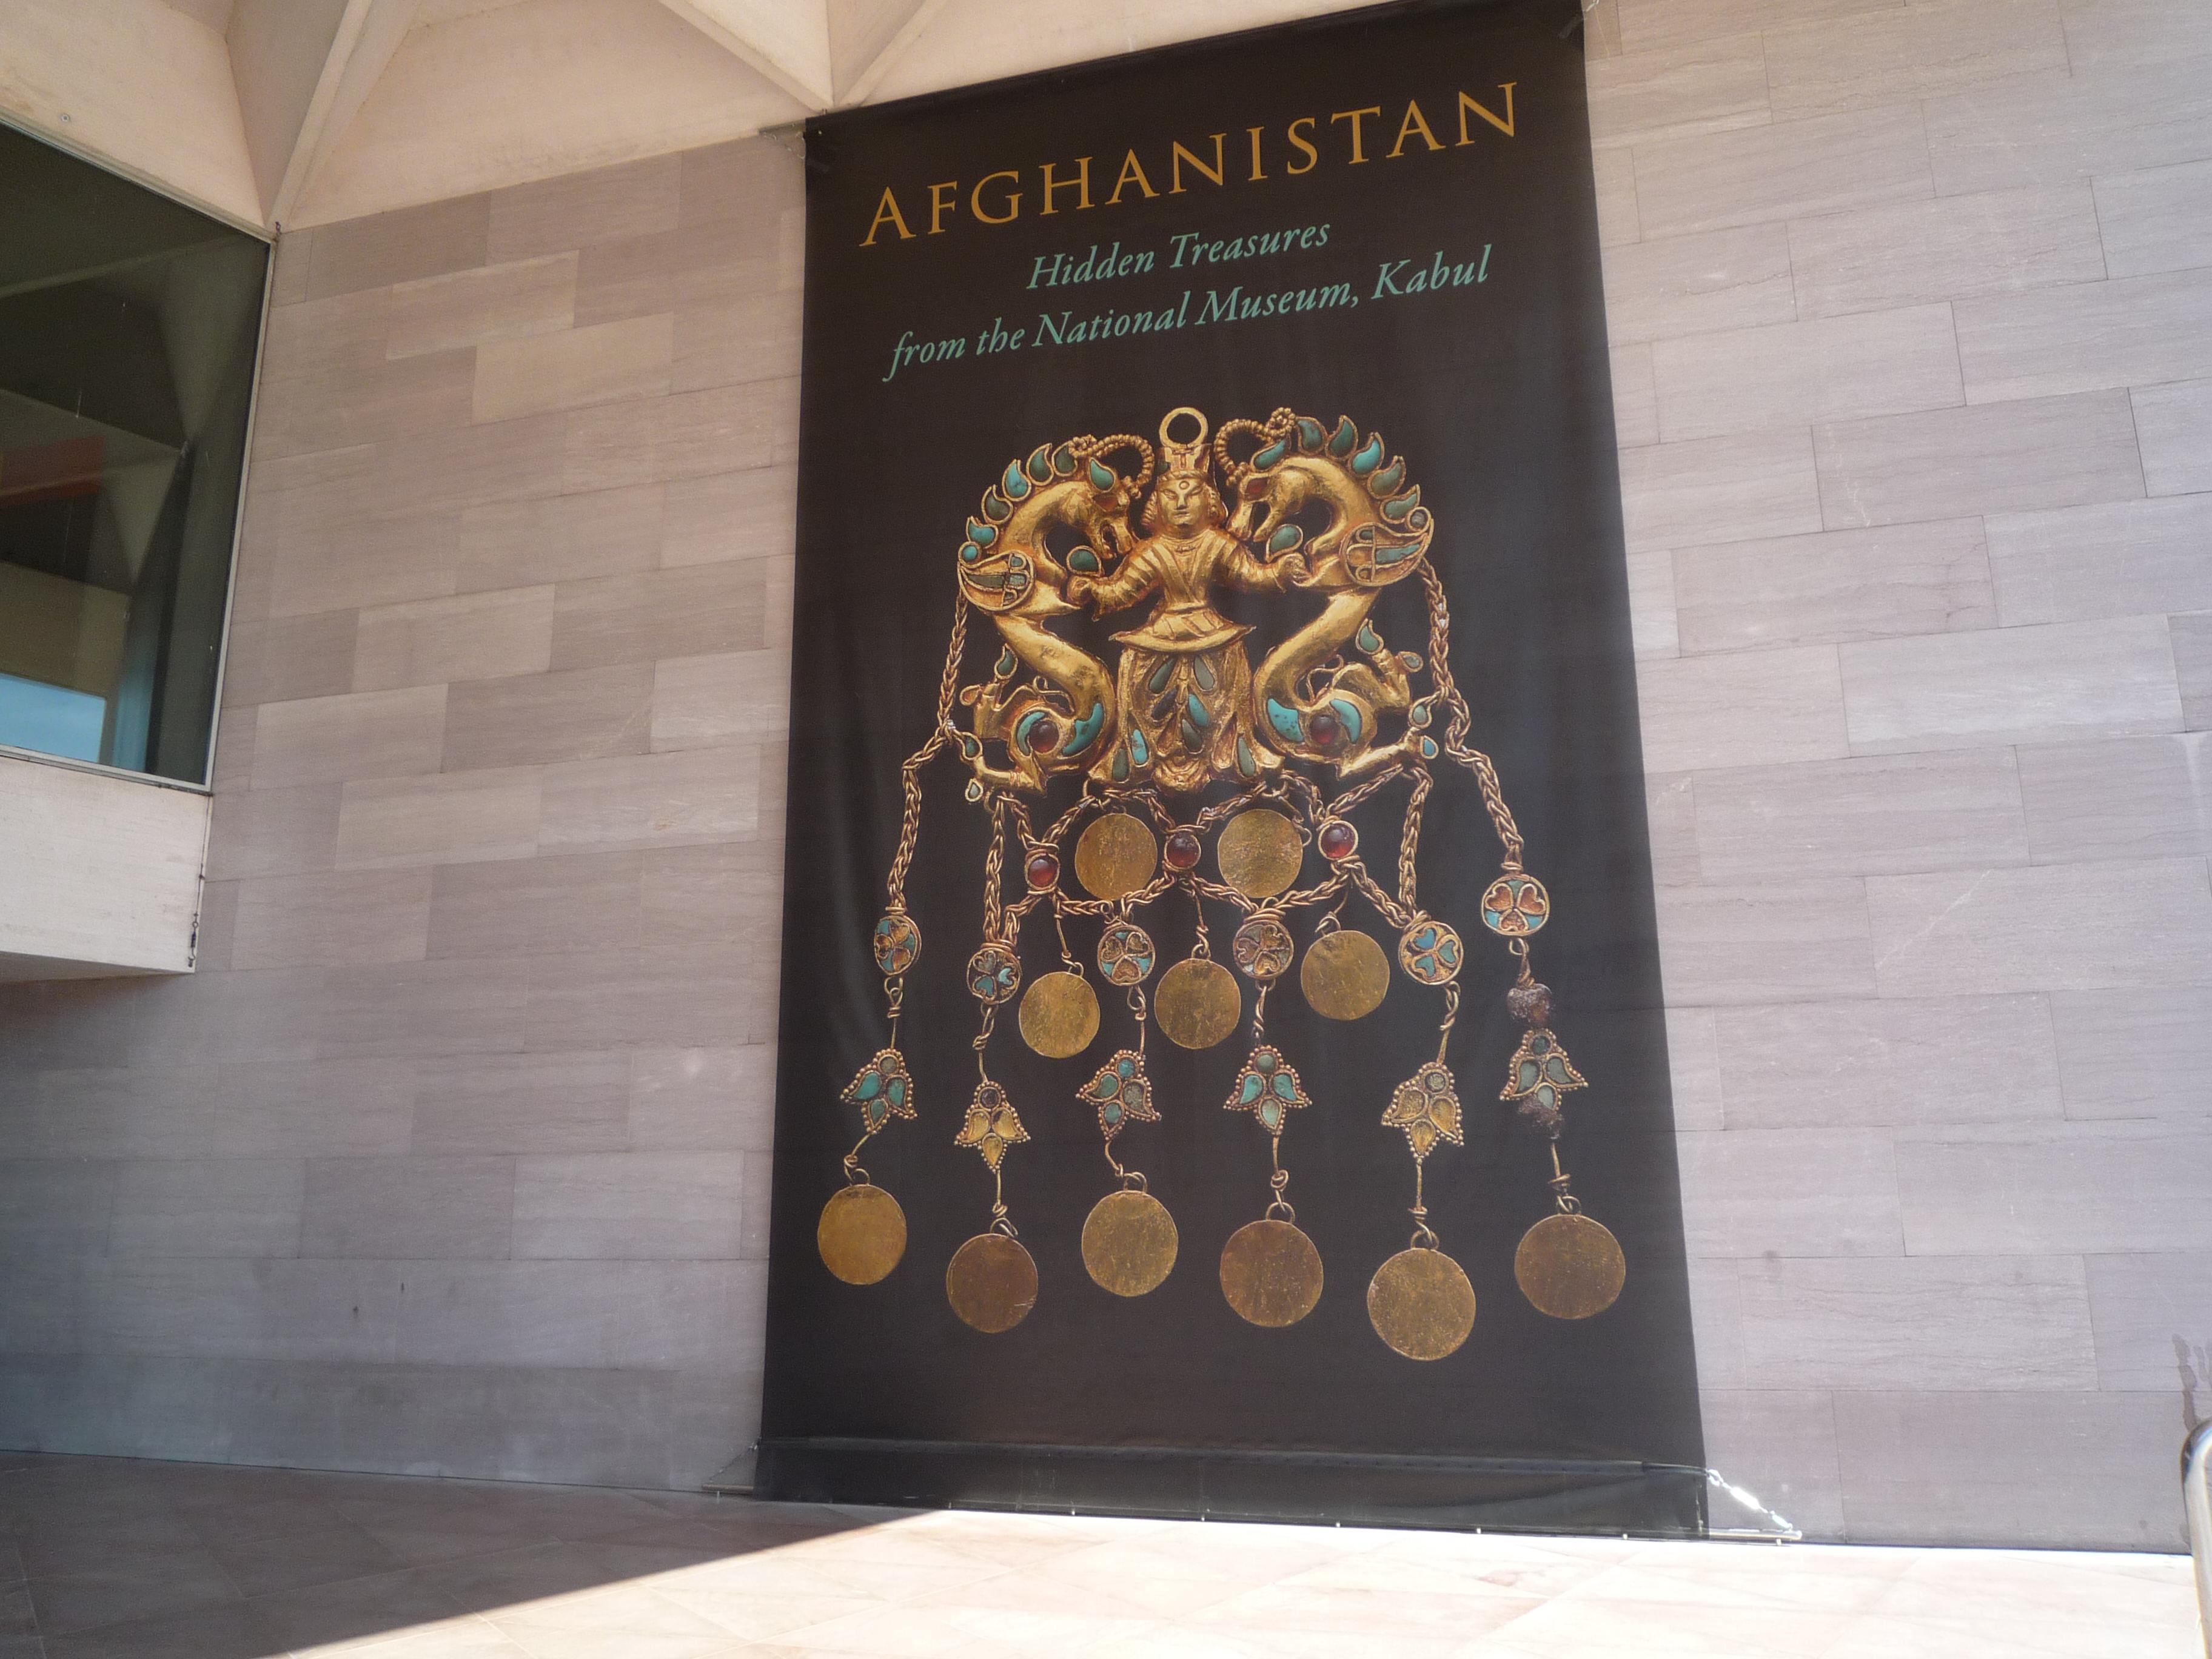 File:Exhibit banner - Afghanistan Hidden Treasures from ...